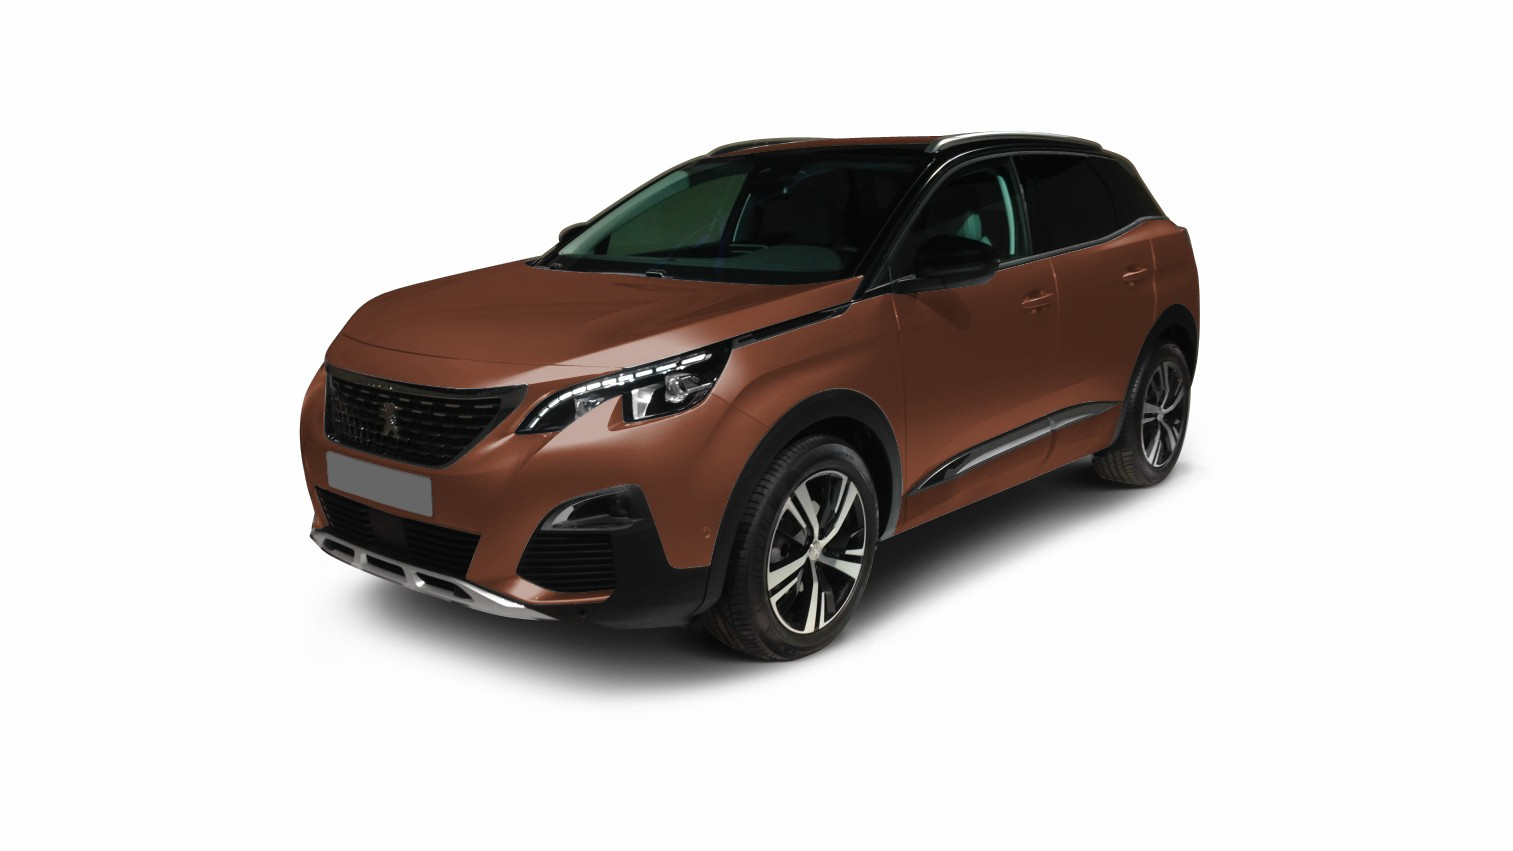 Acheter Peugeot 3008 Nouveau Crossway Crossway chez un mandataire auto